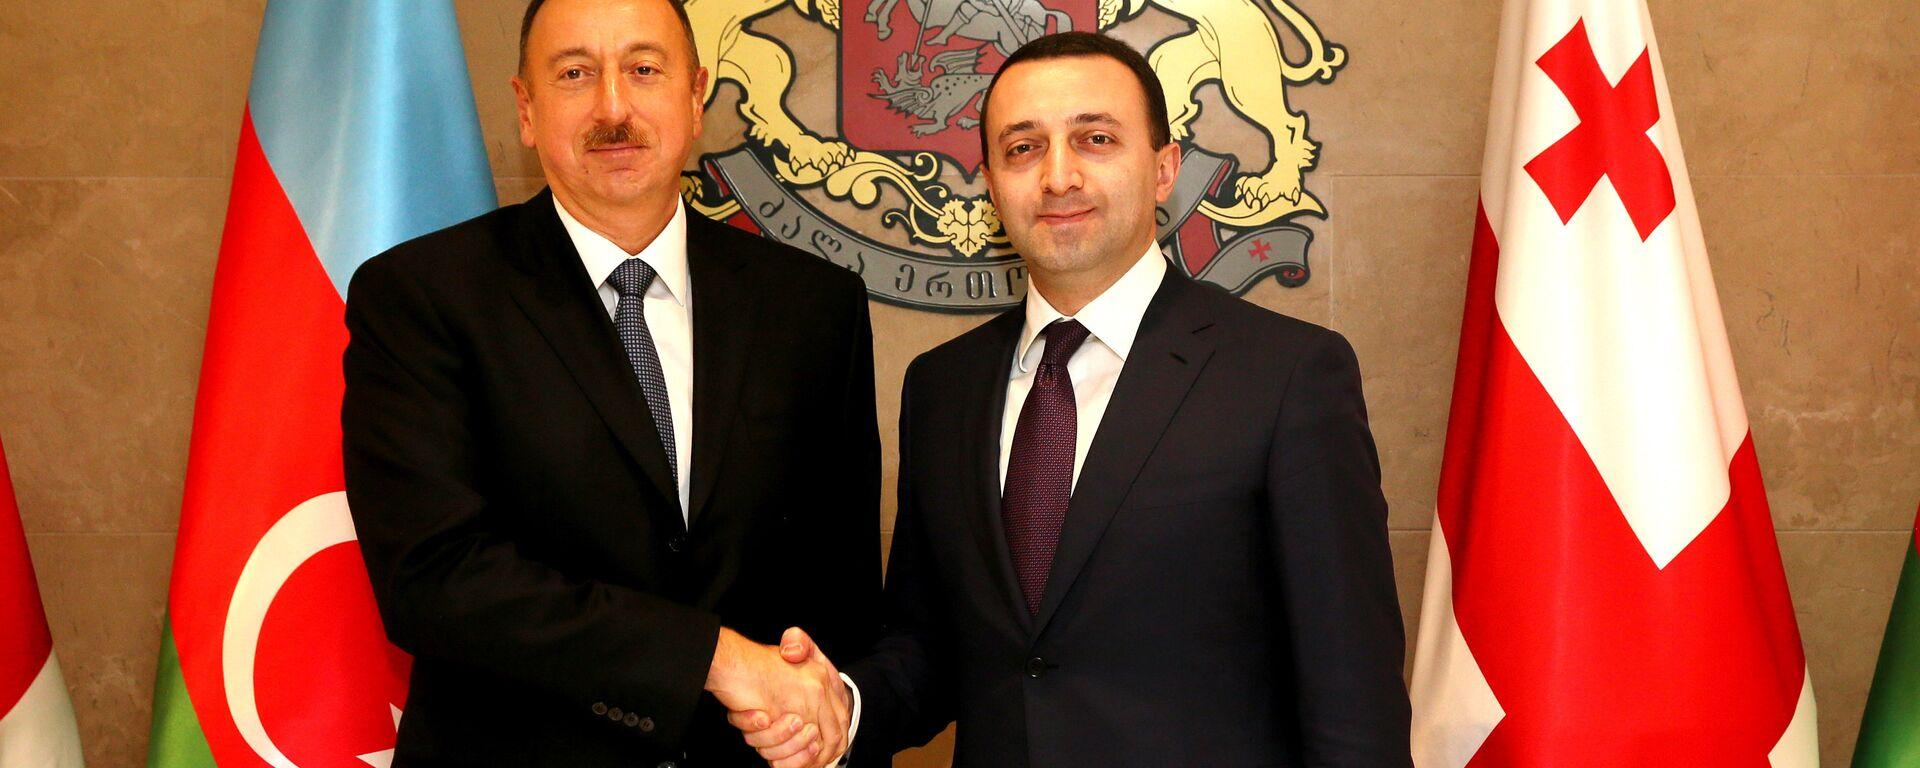 Премьер Грузии Ираклий Гарибашвили и президент Азербайджана Ильхам Алиев - Sputnik Грузия, 1920, 28.05.2021